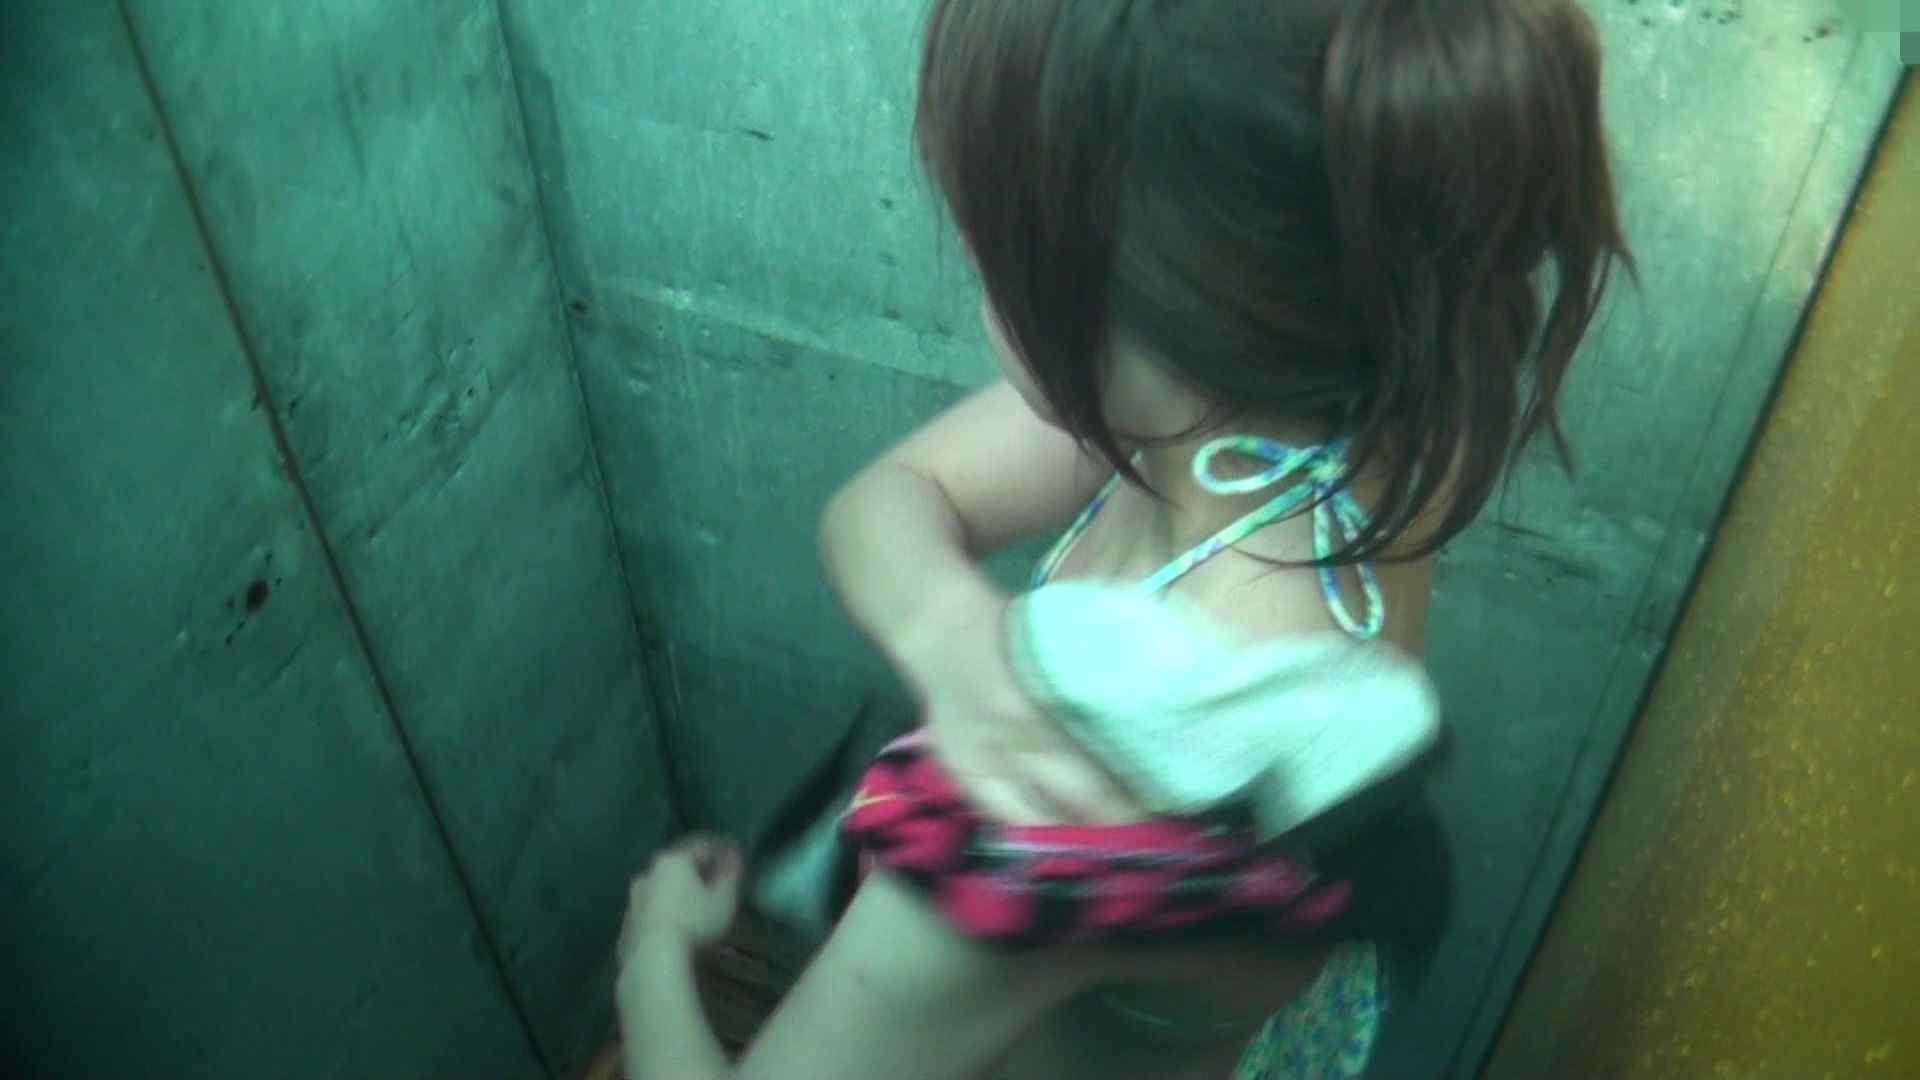 シャワールームは超!!危険な香りVol.15 残念ですが乳首未確認 マンコの砂は入念に OLセックス 覗きスケベ動画紹介 51画像 7